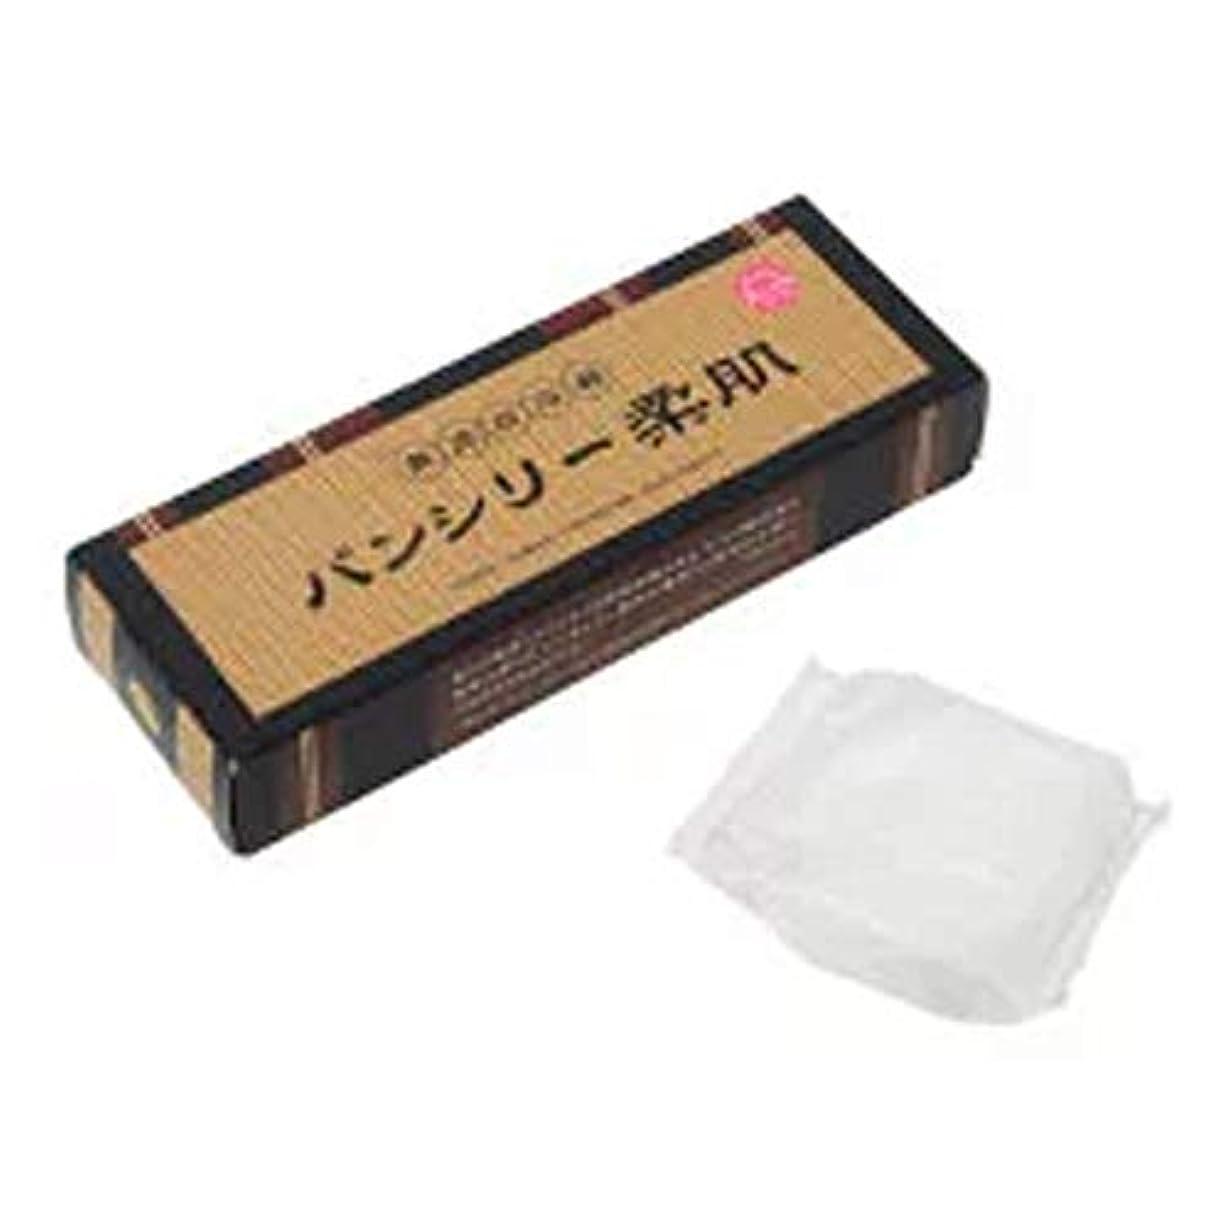 パケット集計充実パンシリー柔肌 60g×3個 石鹸 せっけん 渋柿 コンフリー コラーゲン ヒアルロン酸